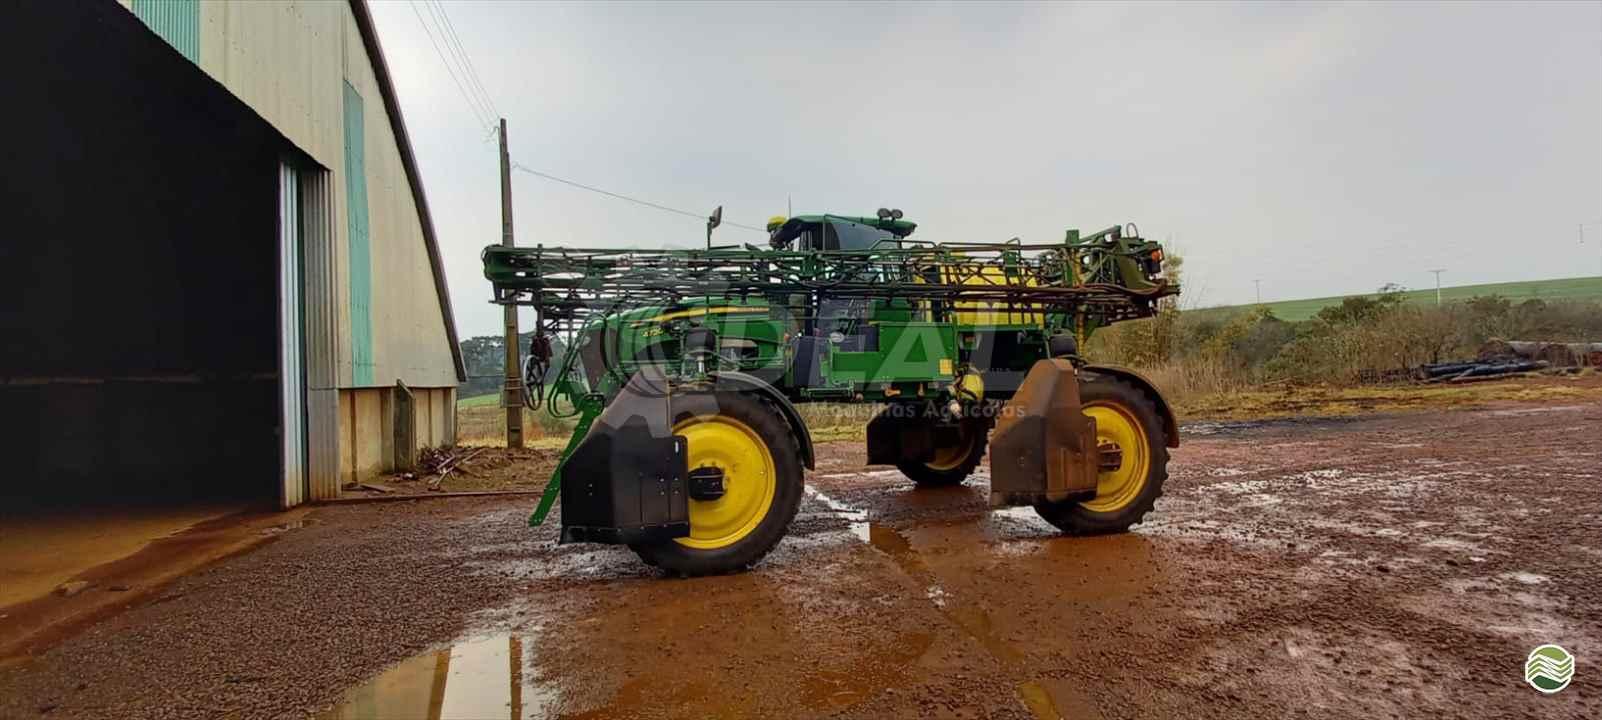 PULVERIZADOR JOHN DEERE JOHN DEERE 4730 Tração 4x4 Ideal Máquinas Agrícolas SAO GONCALO DO SAPUCAI MINAS GERAIS MG